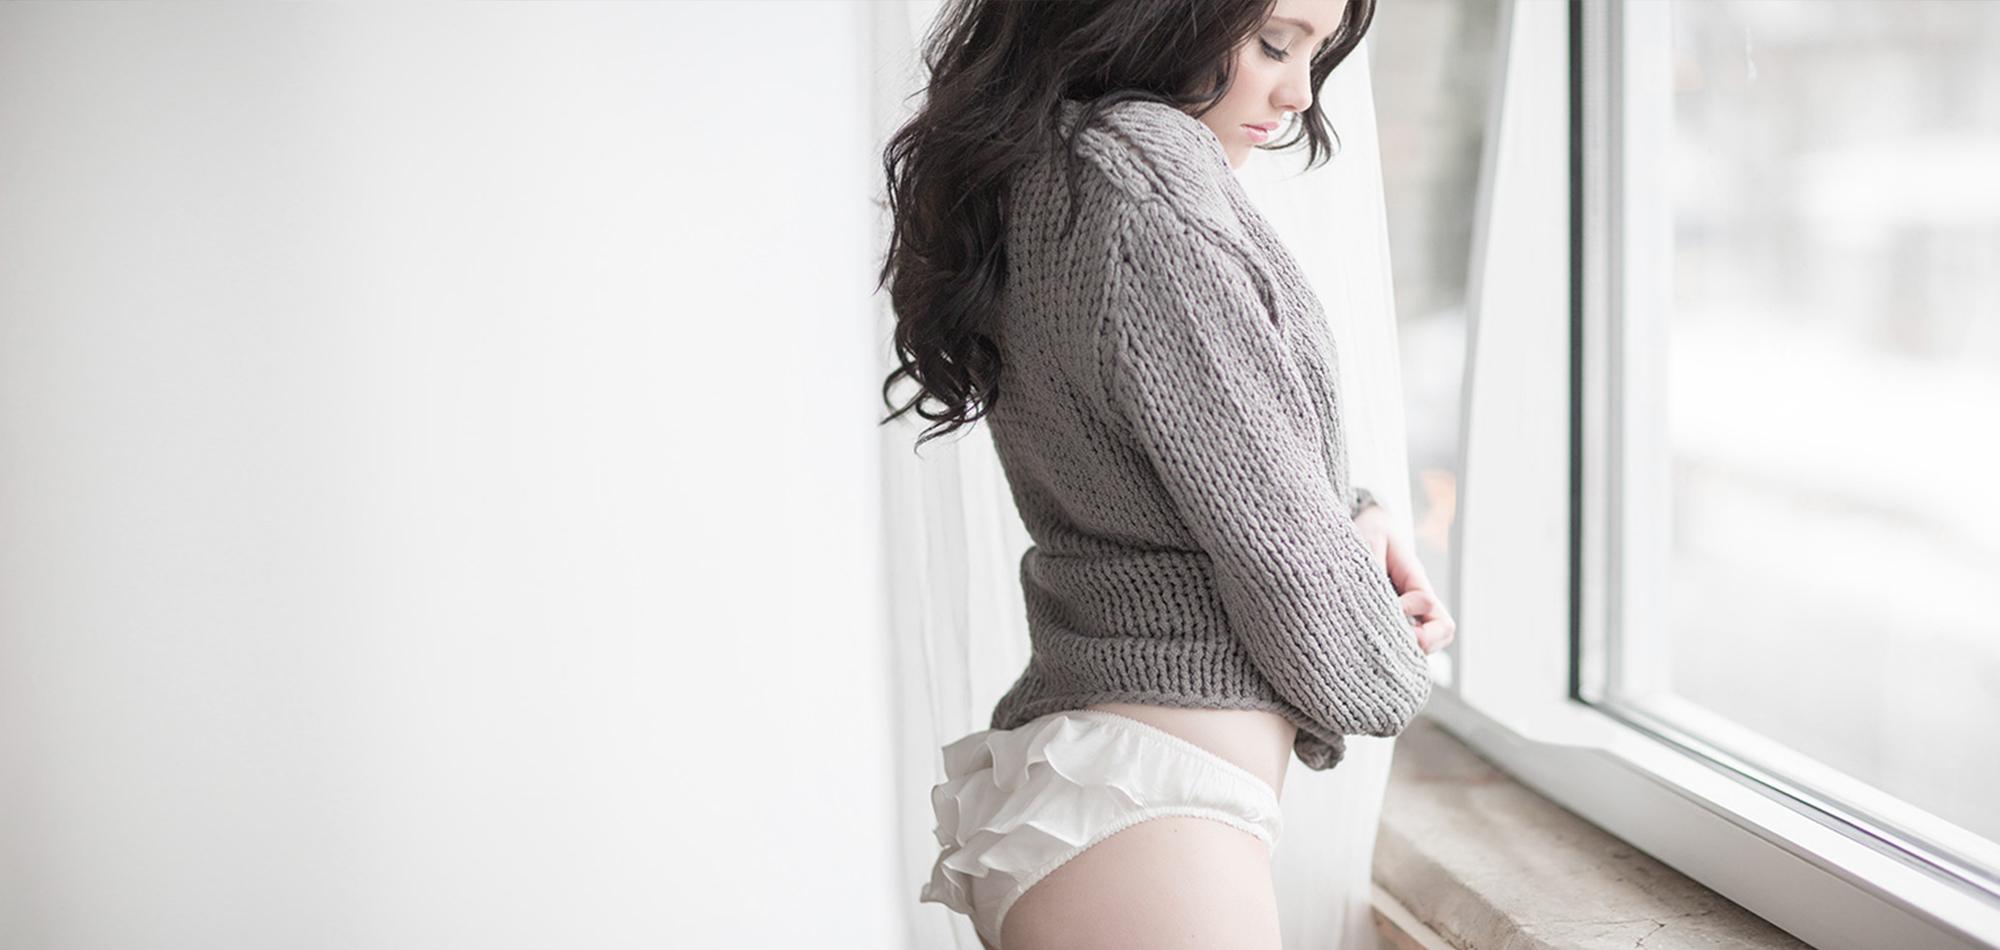 Brio-Art-boudoir-photography-017.jpg